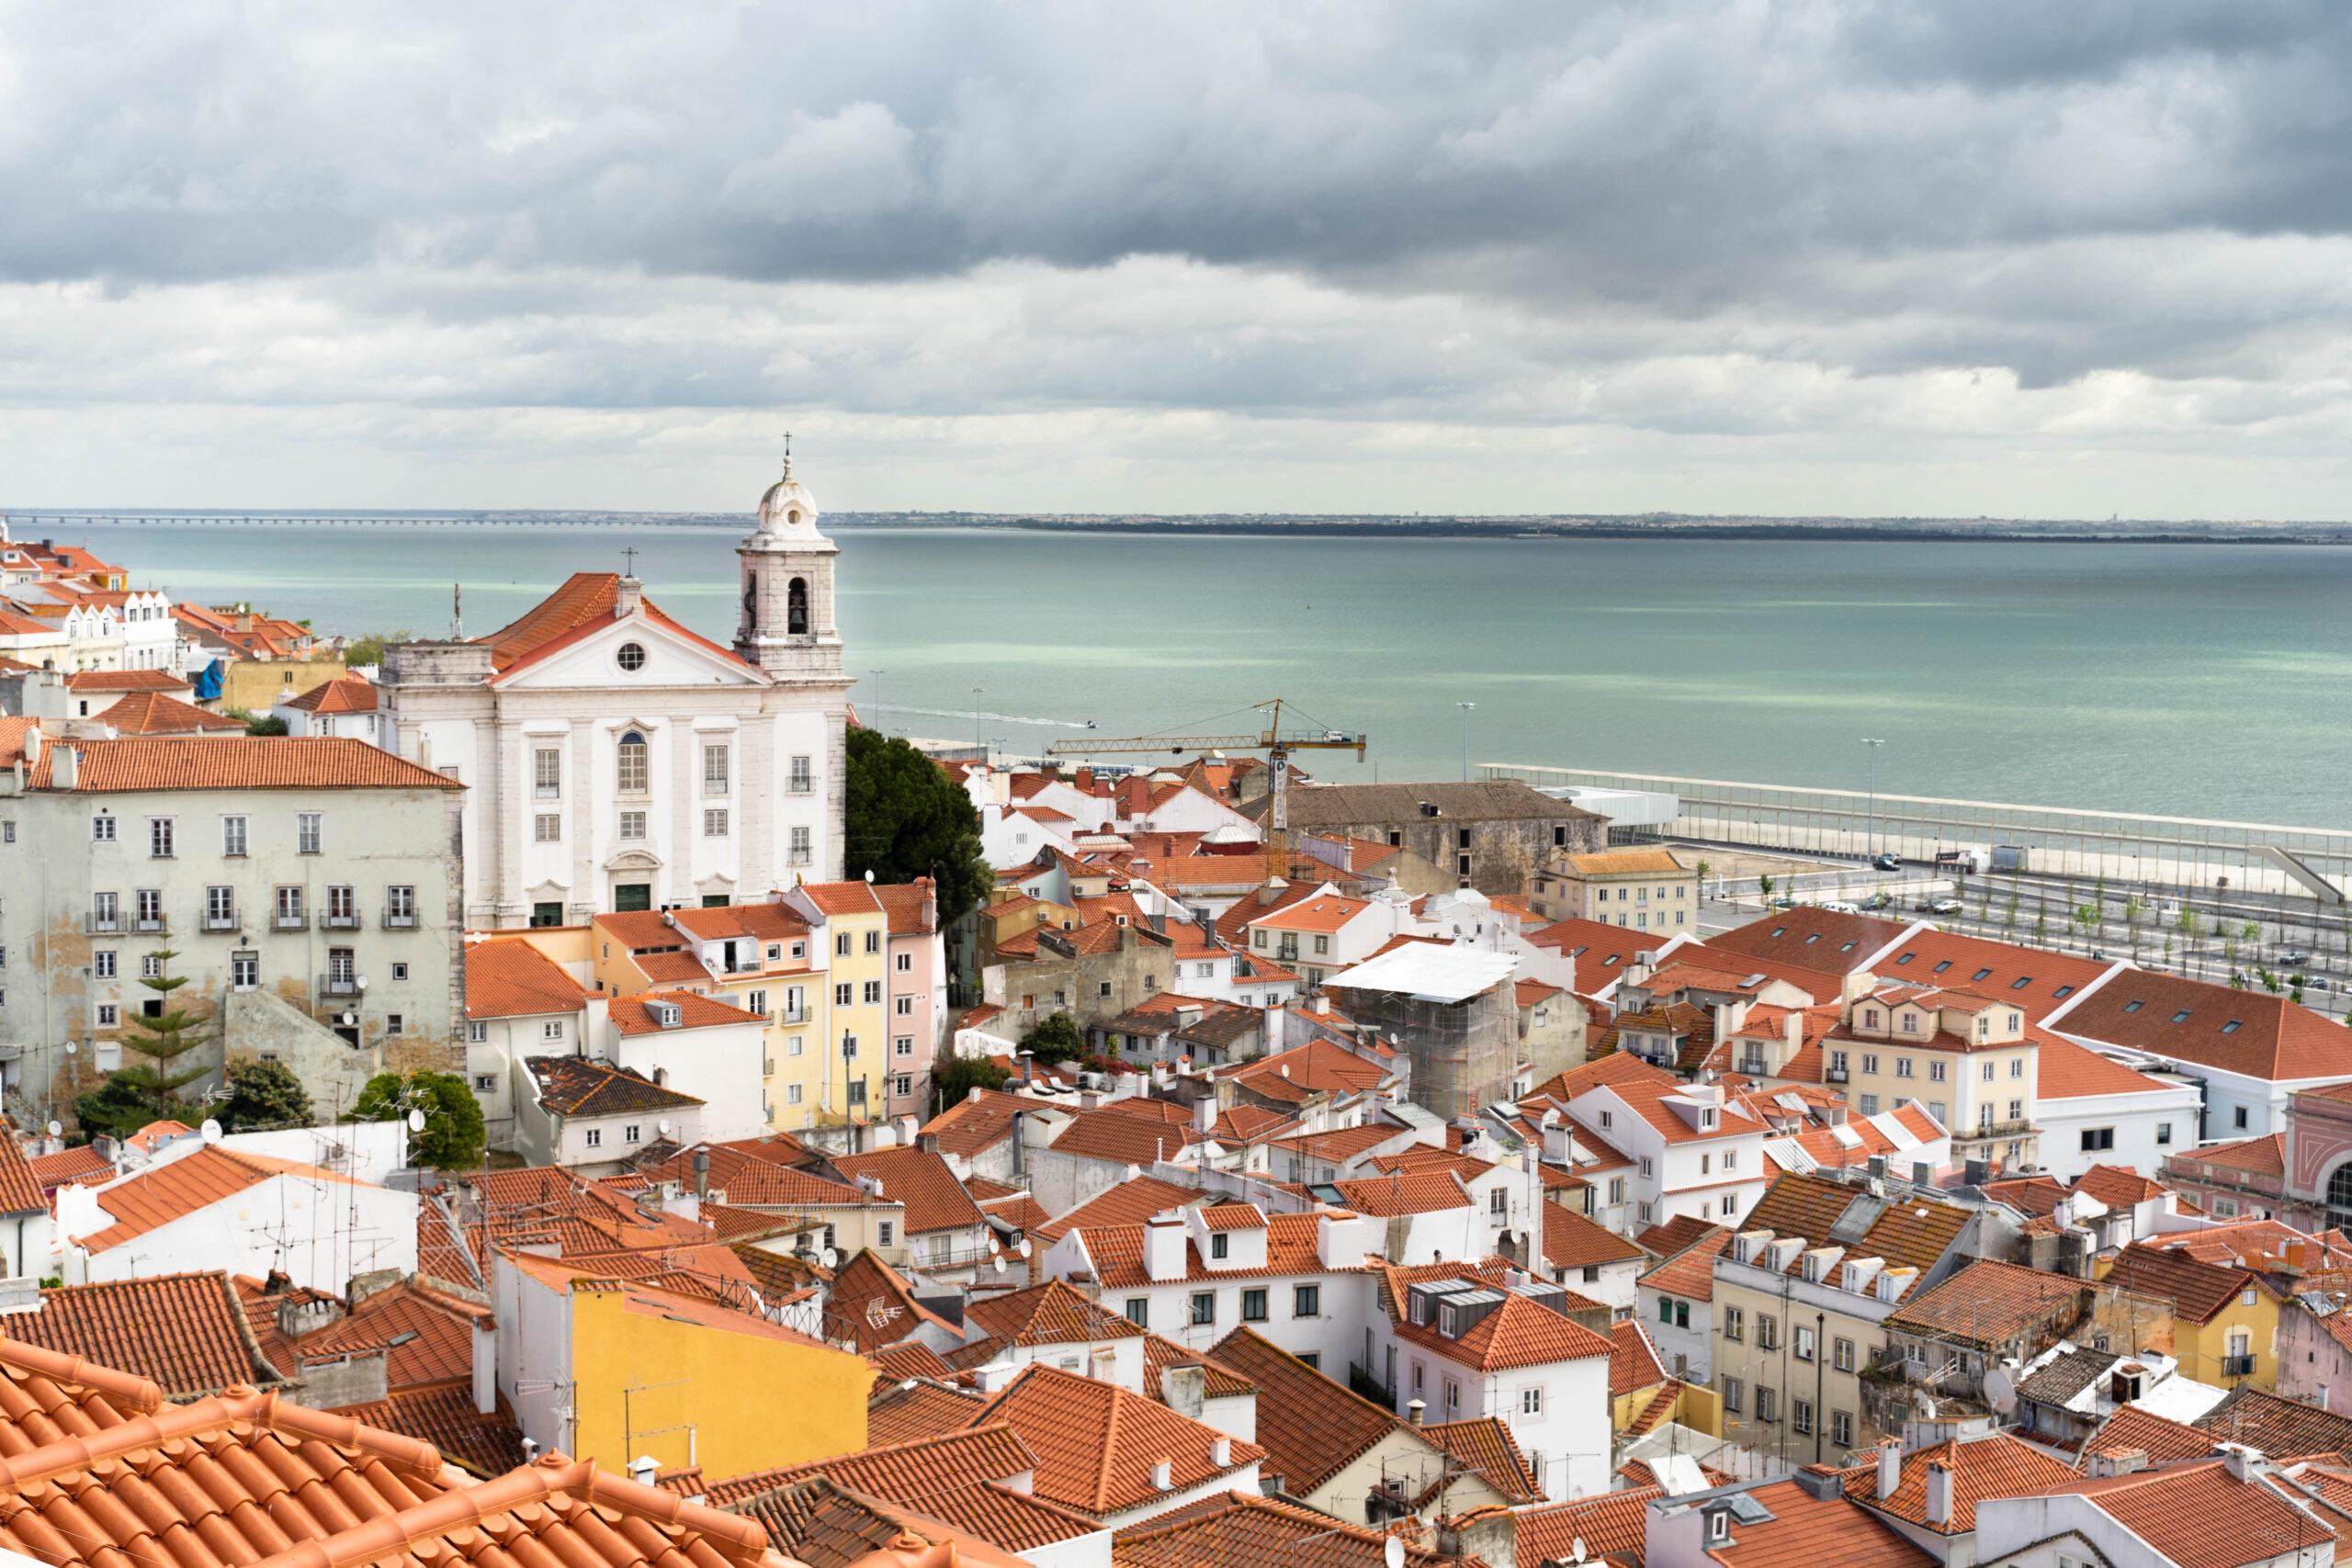 Miradouros de Lisboa